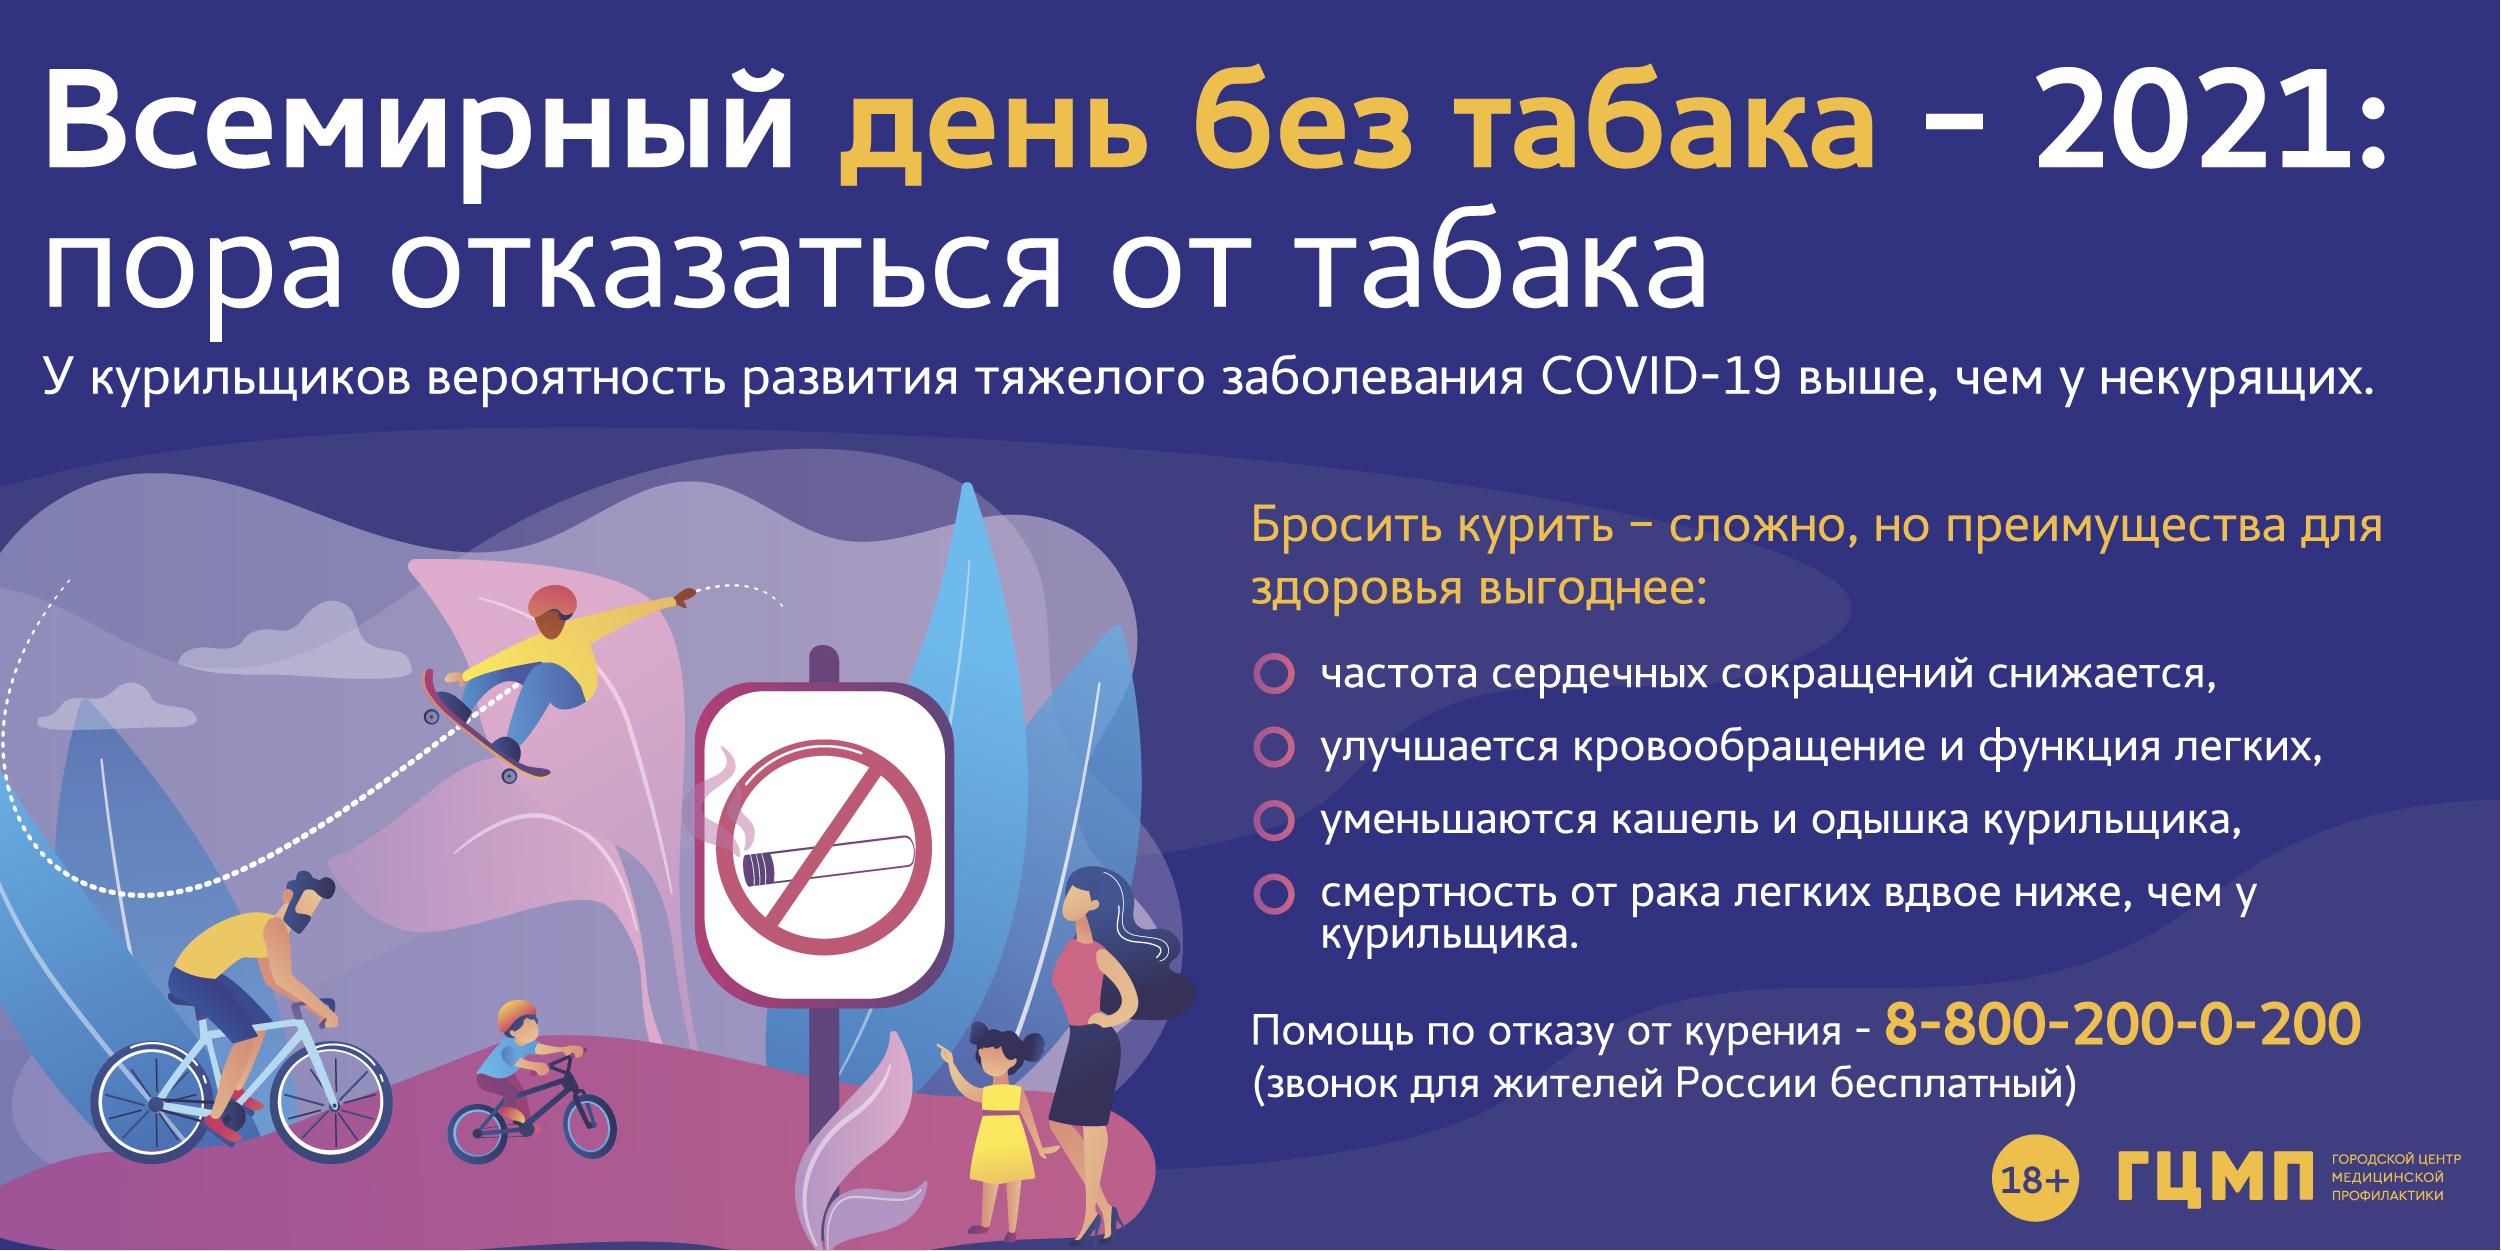 Всемирный день без табака 2020 г.